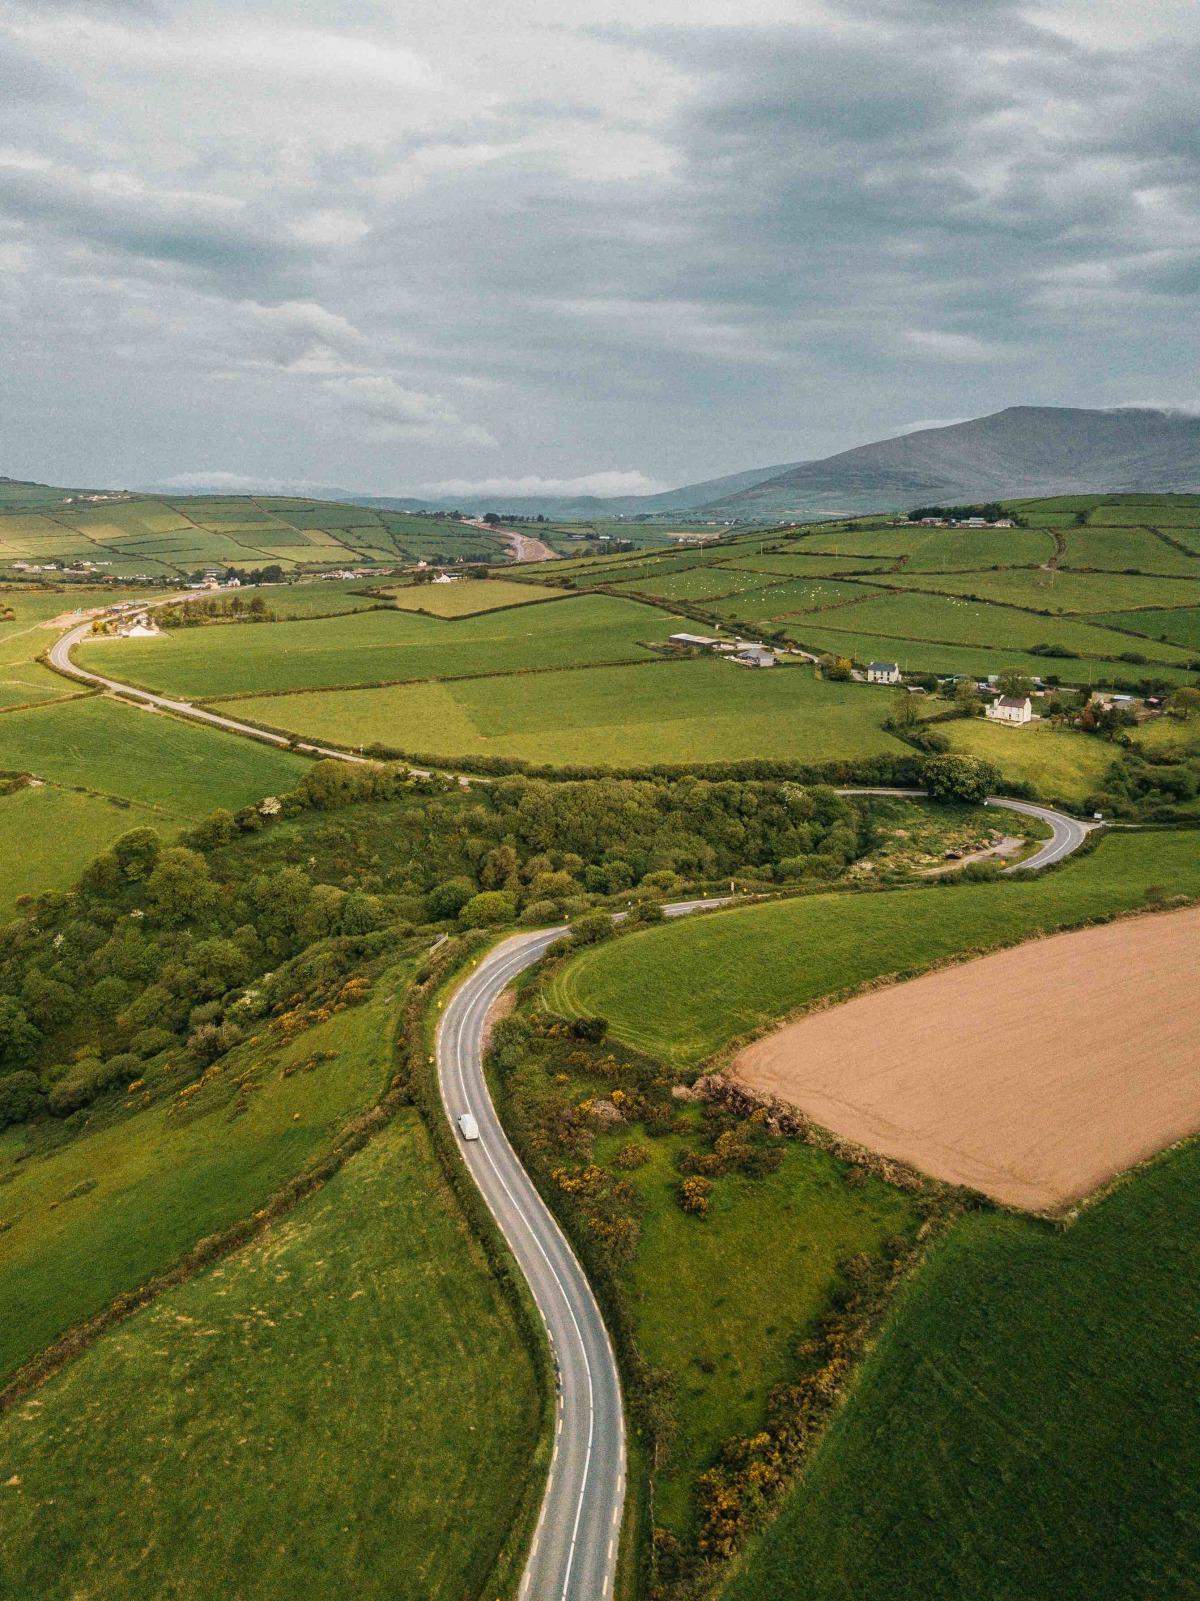 Somewhere in Western Ireland